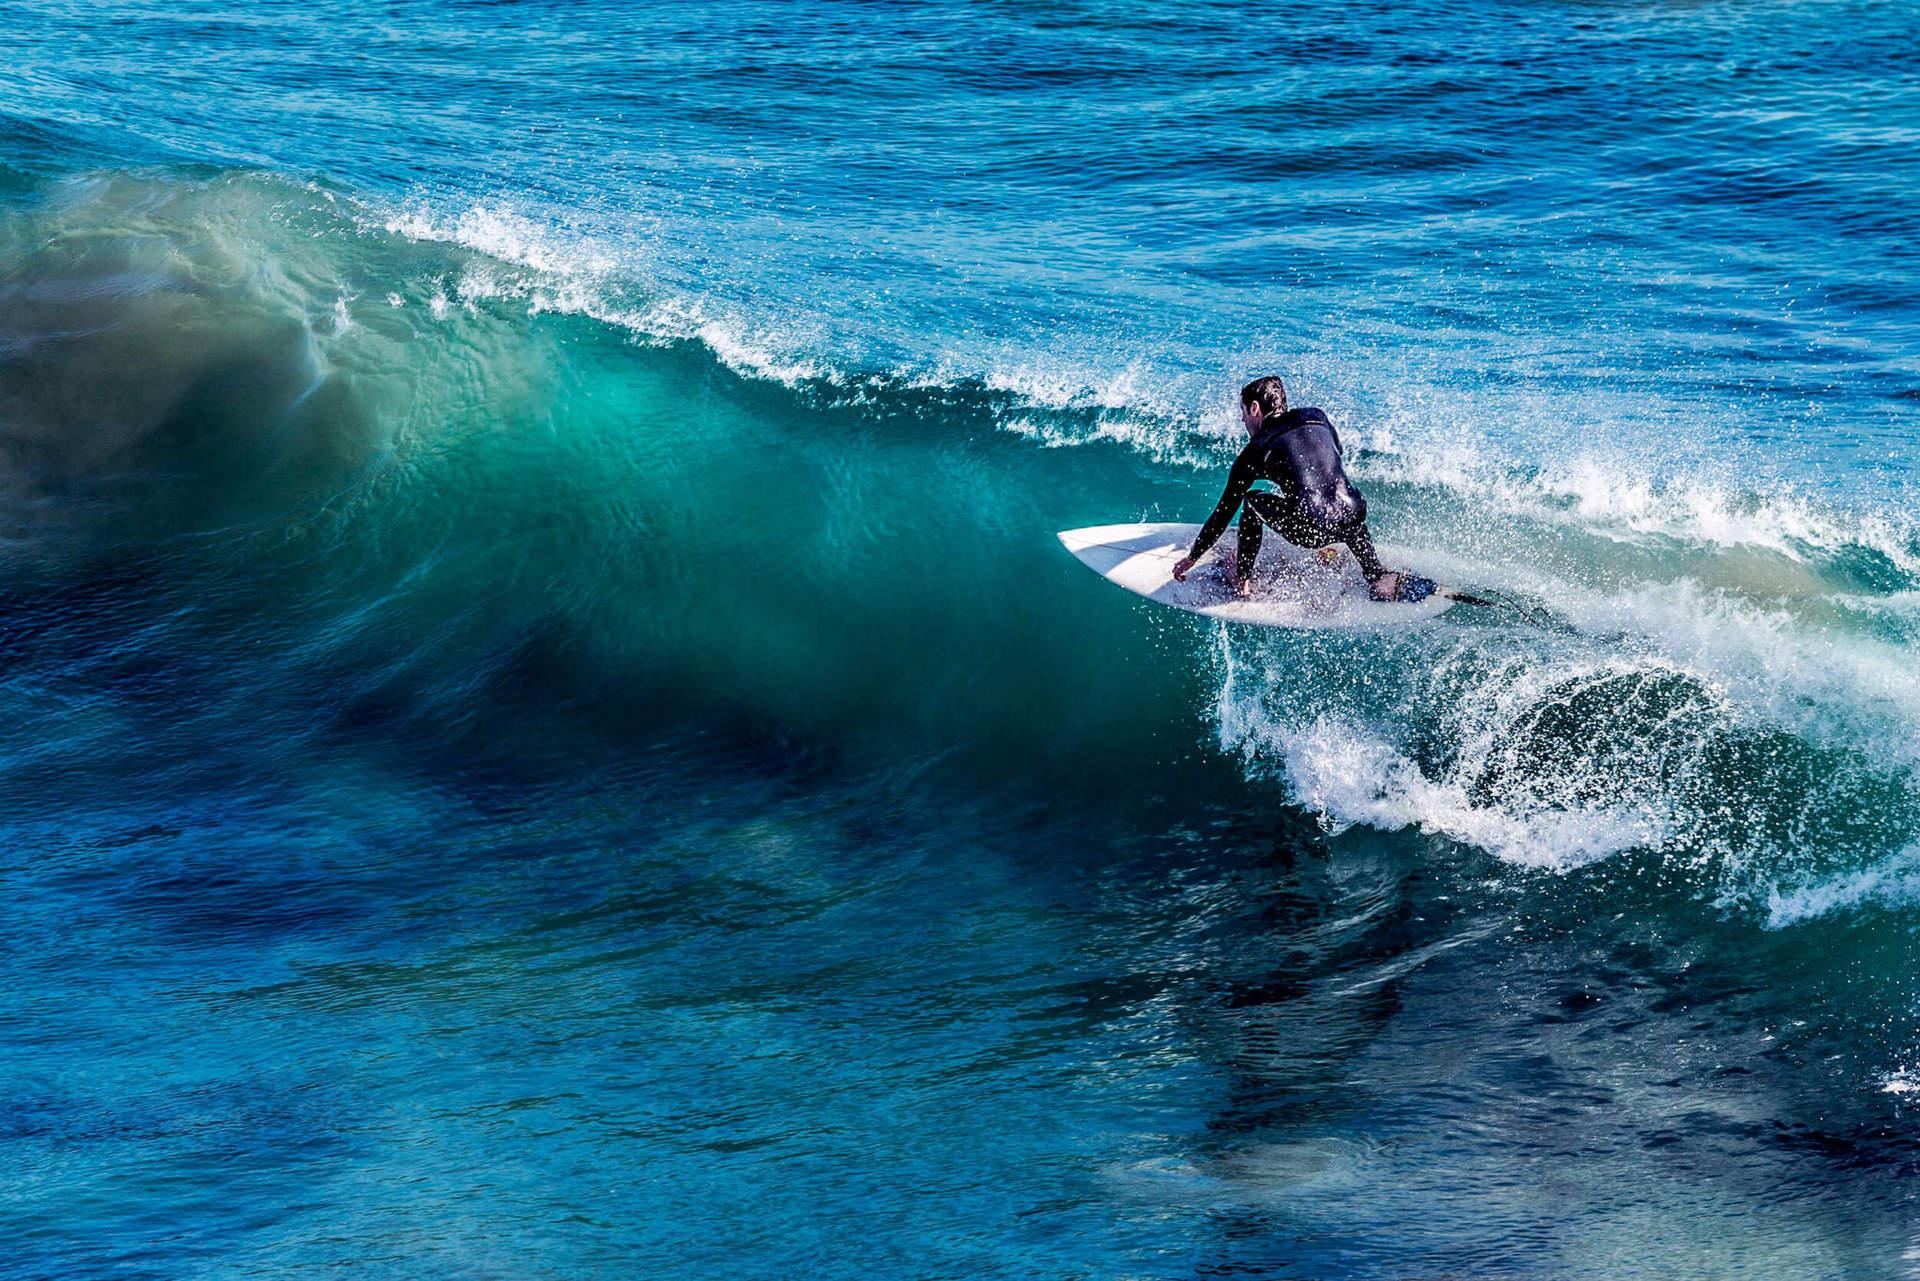 Кута - одно из лучших мест в мире для обучения серфингу. Большое количество сертифицированных школ, где профессиональные инструкторы быстро научат вас основам этого зрелищного спорта.